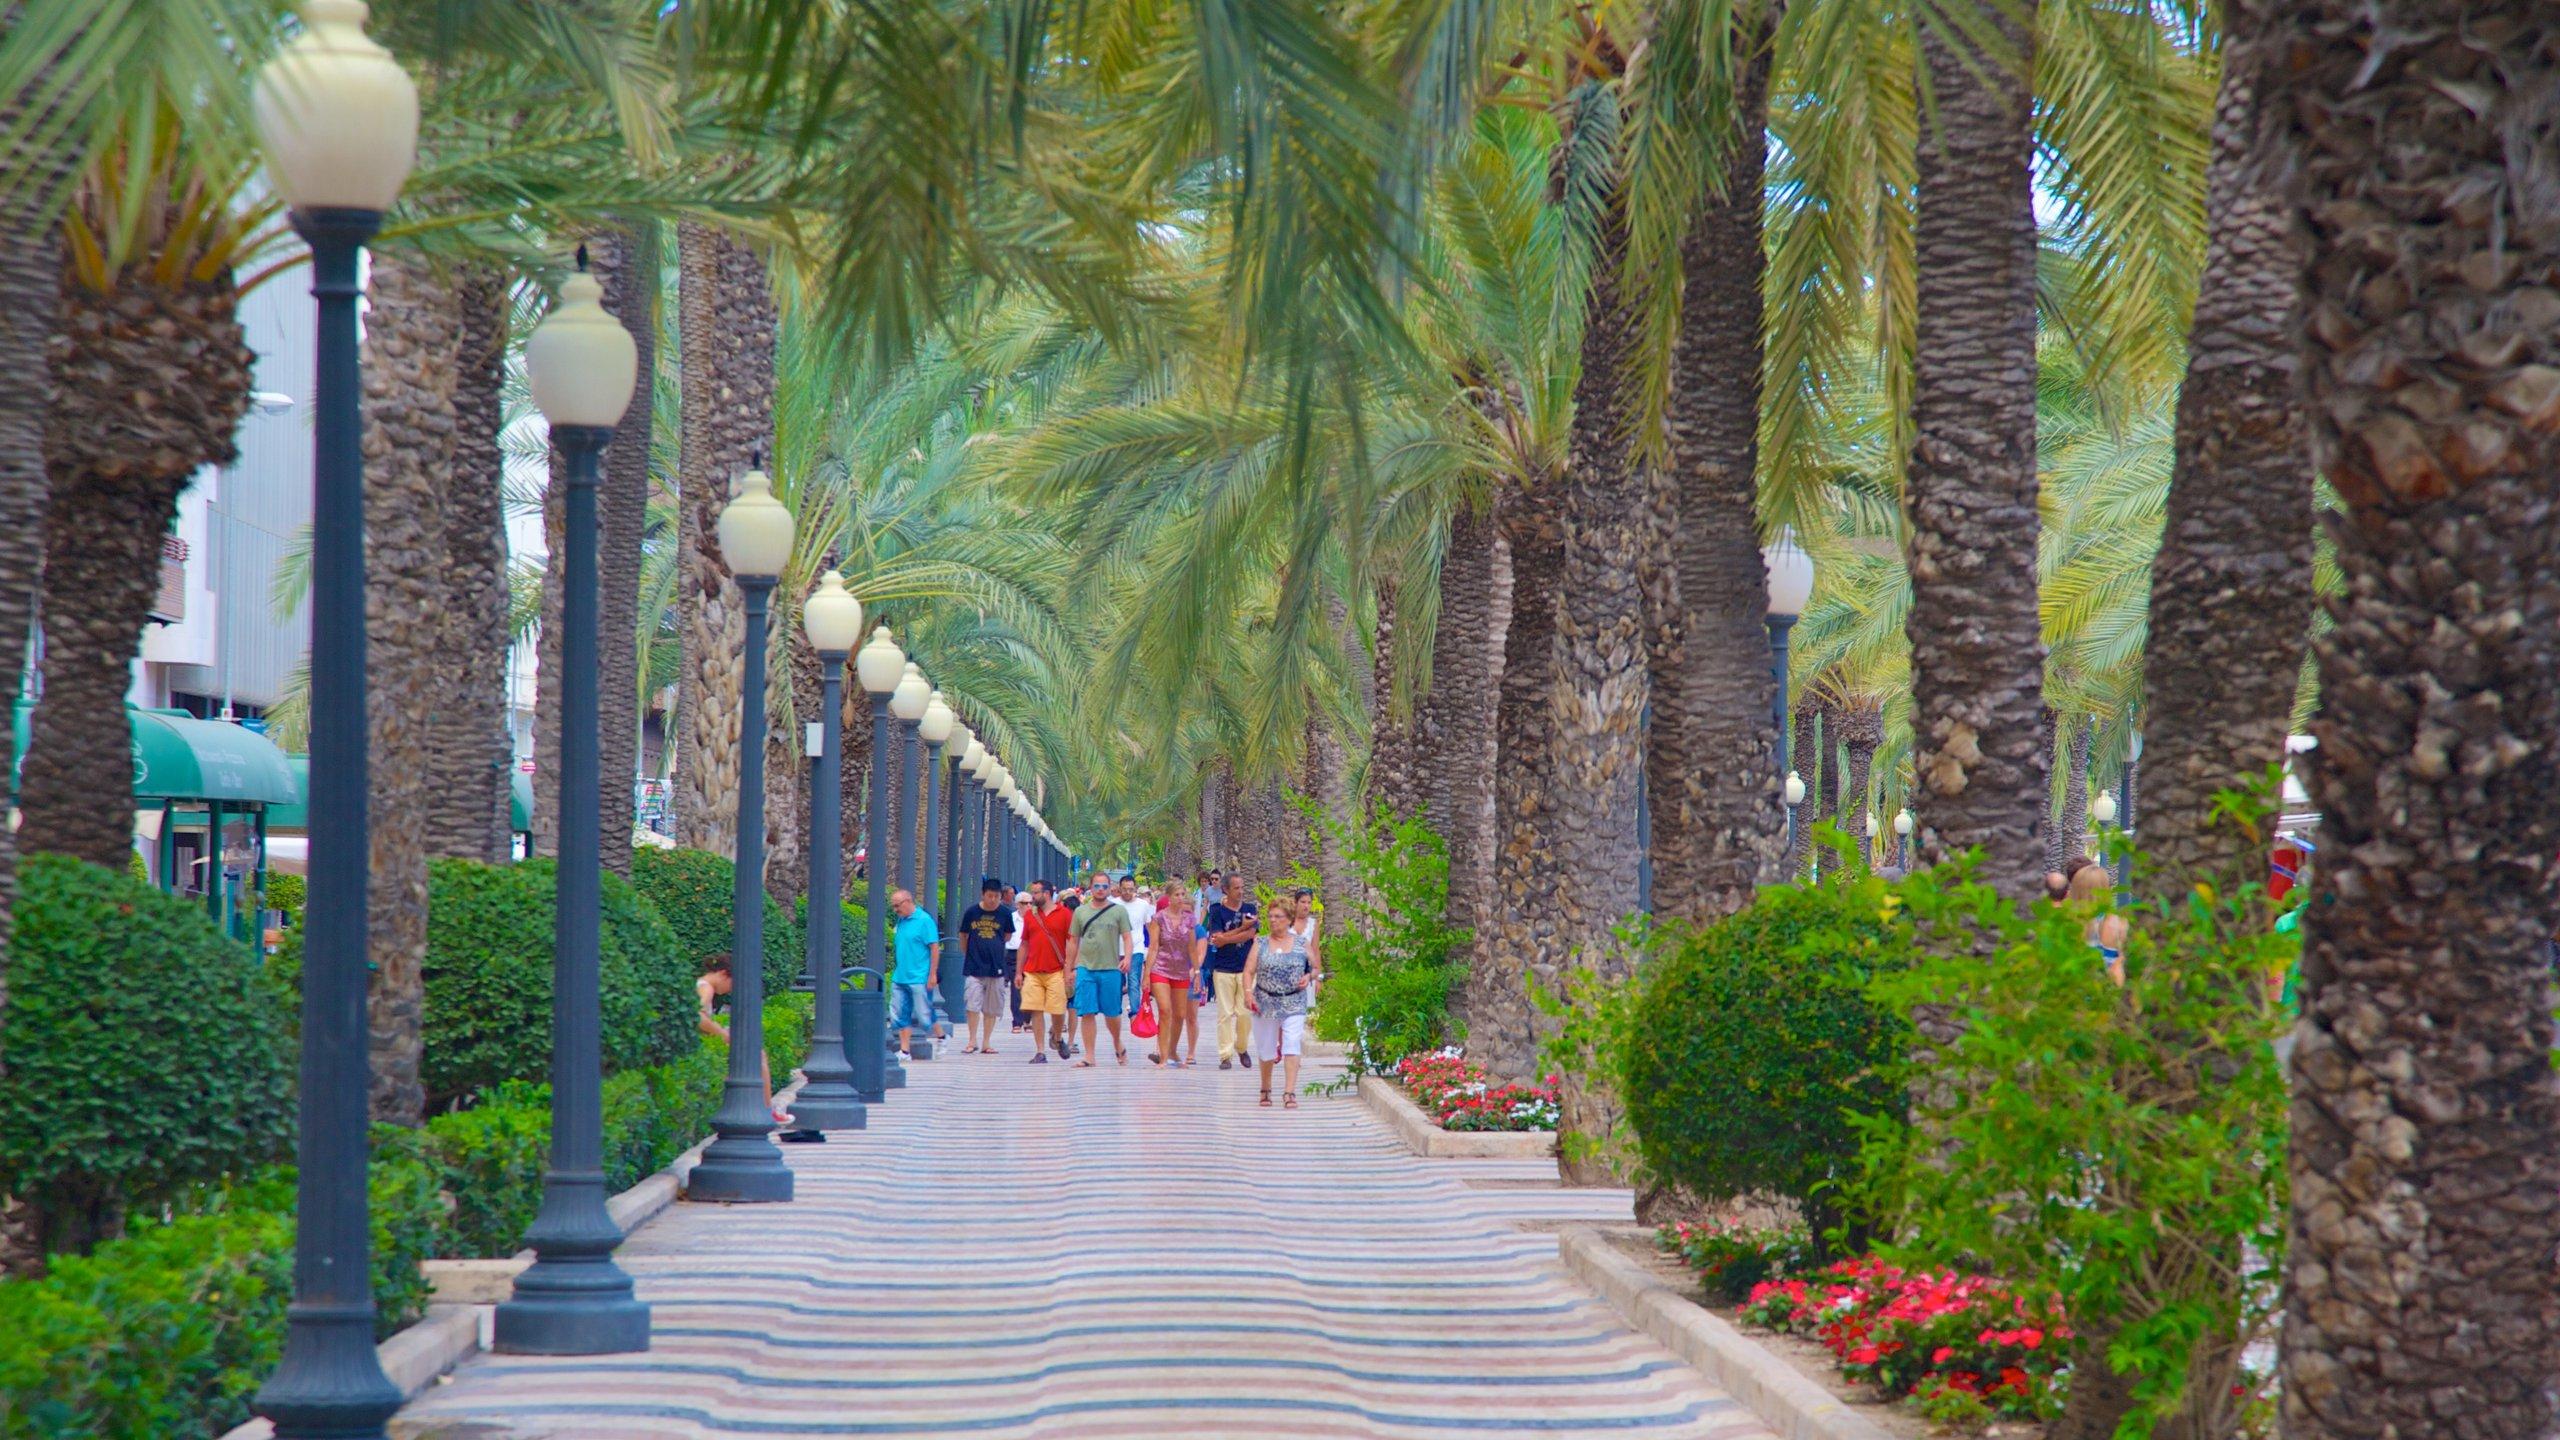 50797 Alicante - Roteiro em Alicante: descubra os principais pontos turísticos da cidade